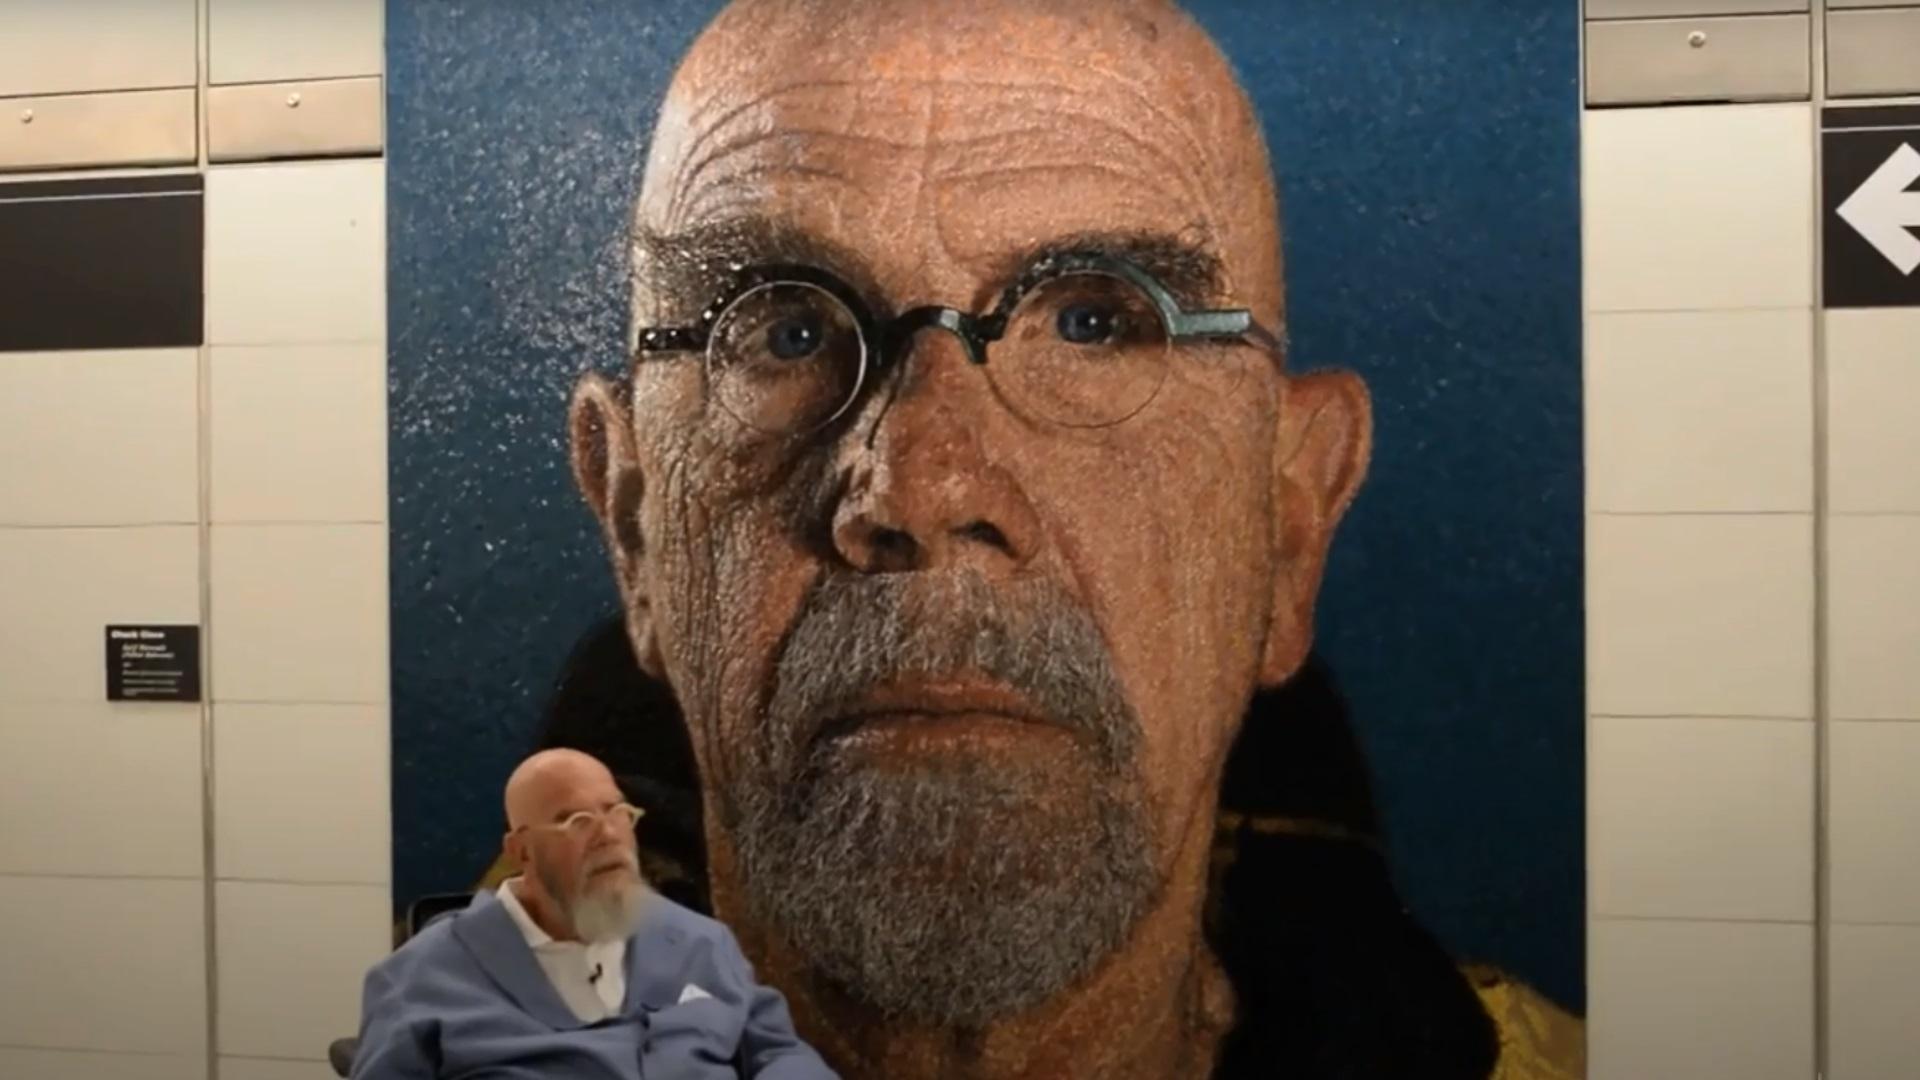 Τσακ Κλόους: Πέθανε στα 81 του ο ζωγράφος και φωτογράφος